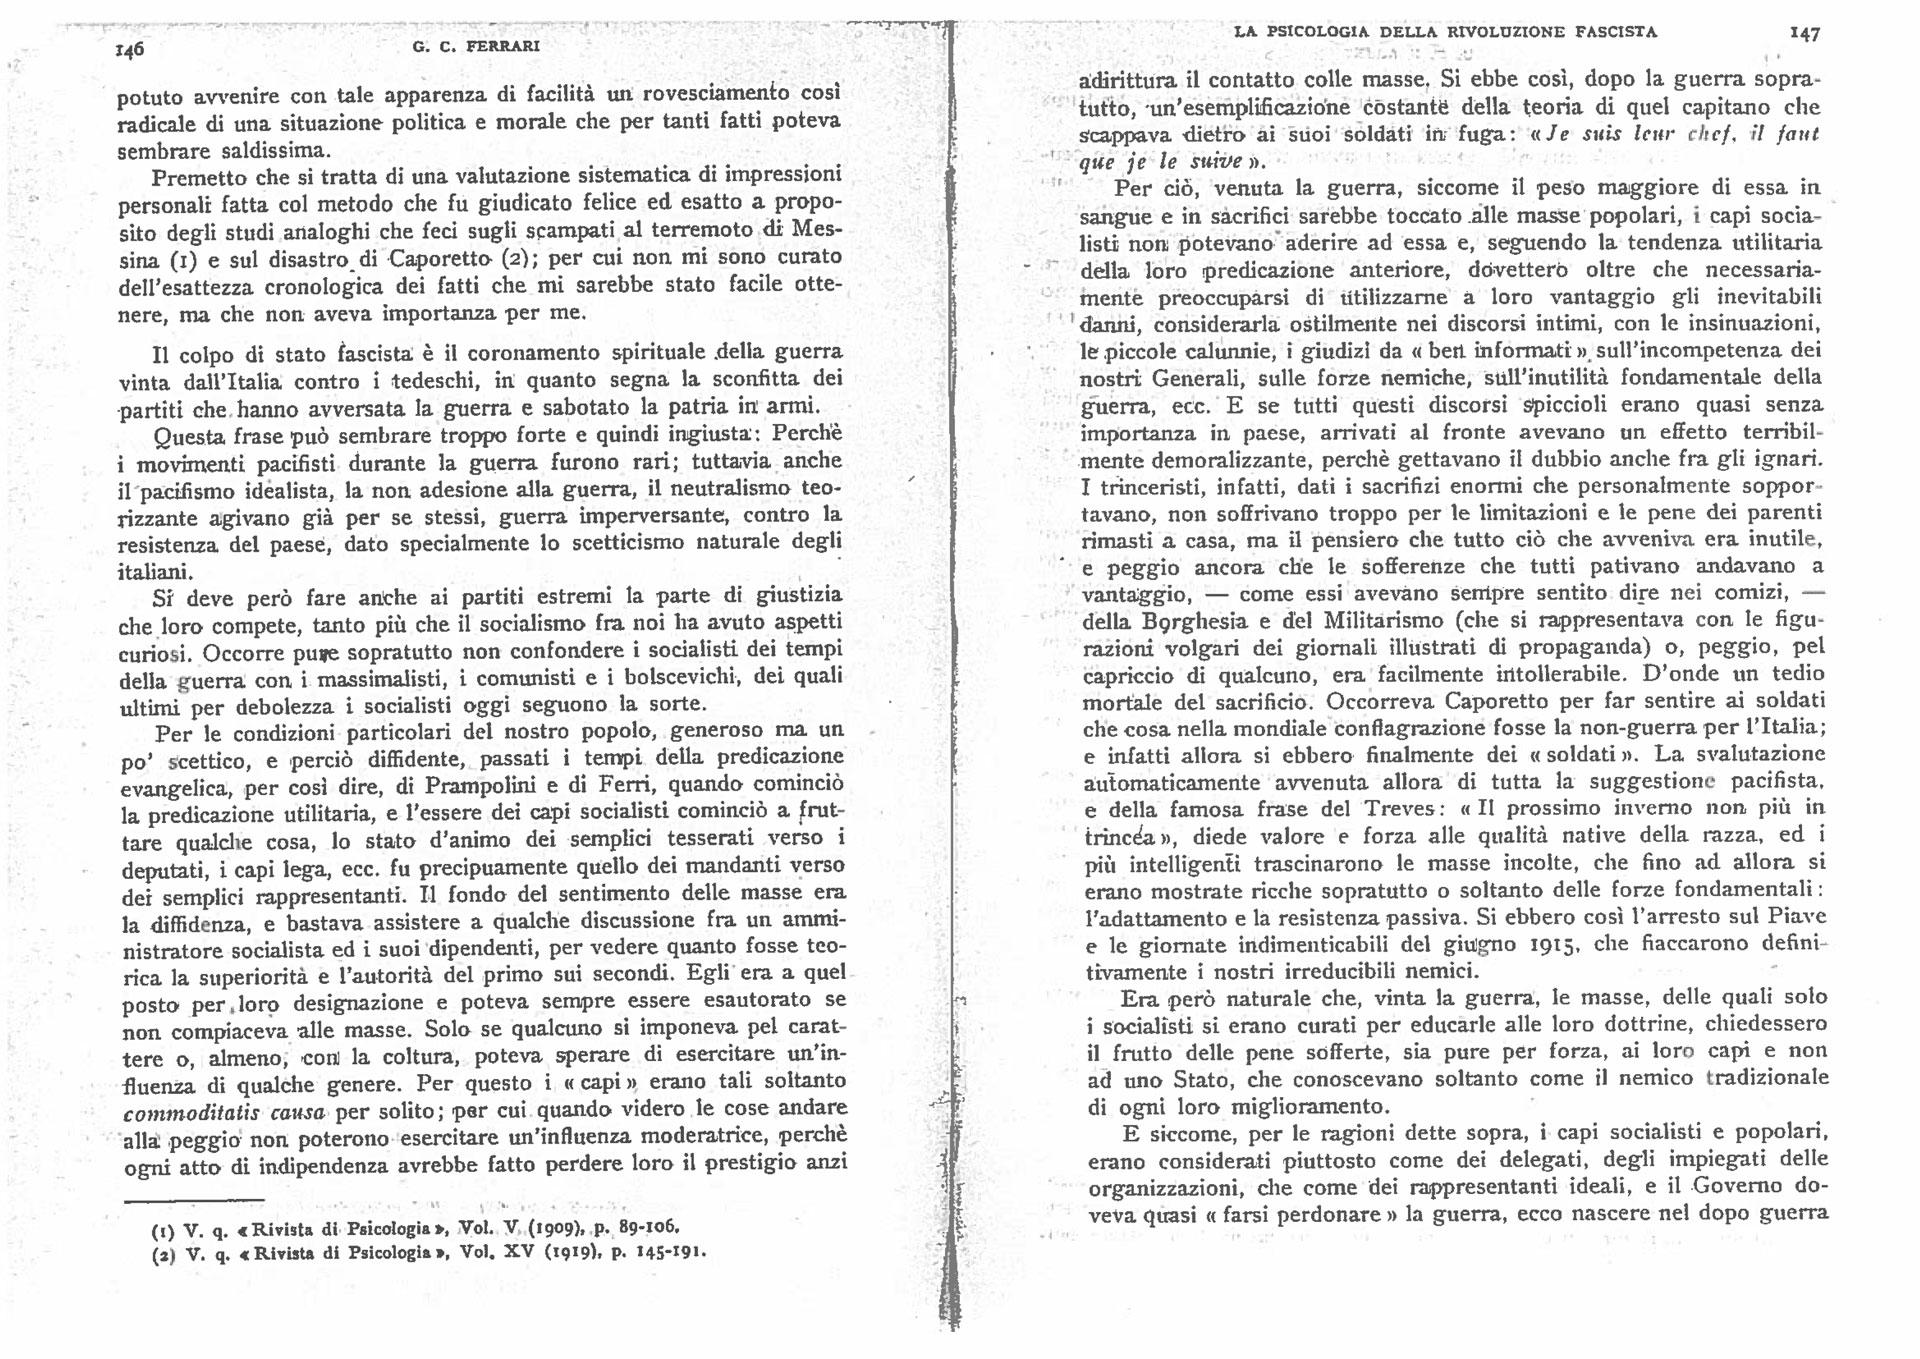 G.C. Ferrari (1922). La psicologia della rivoluzione fascista. Rivista di psicologia